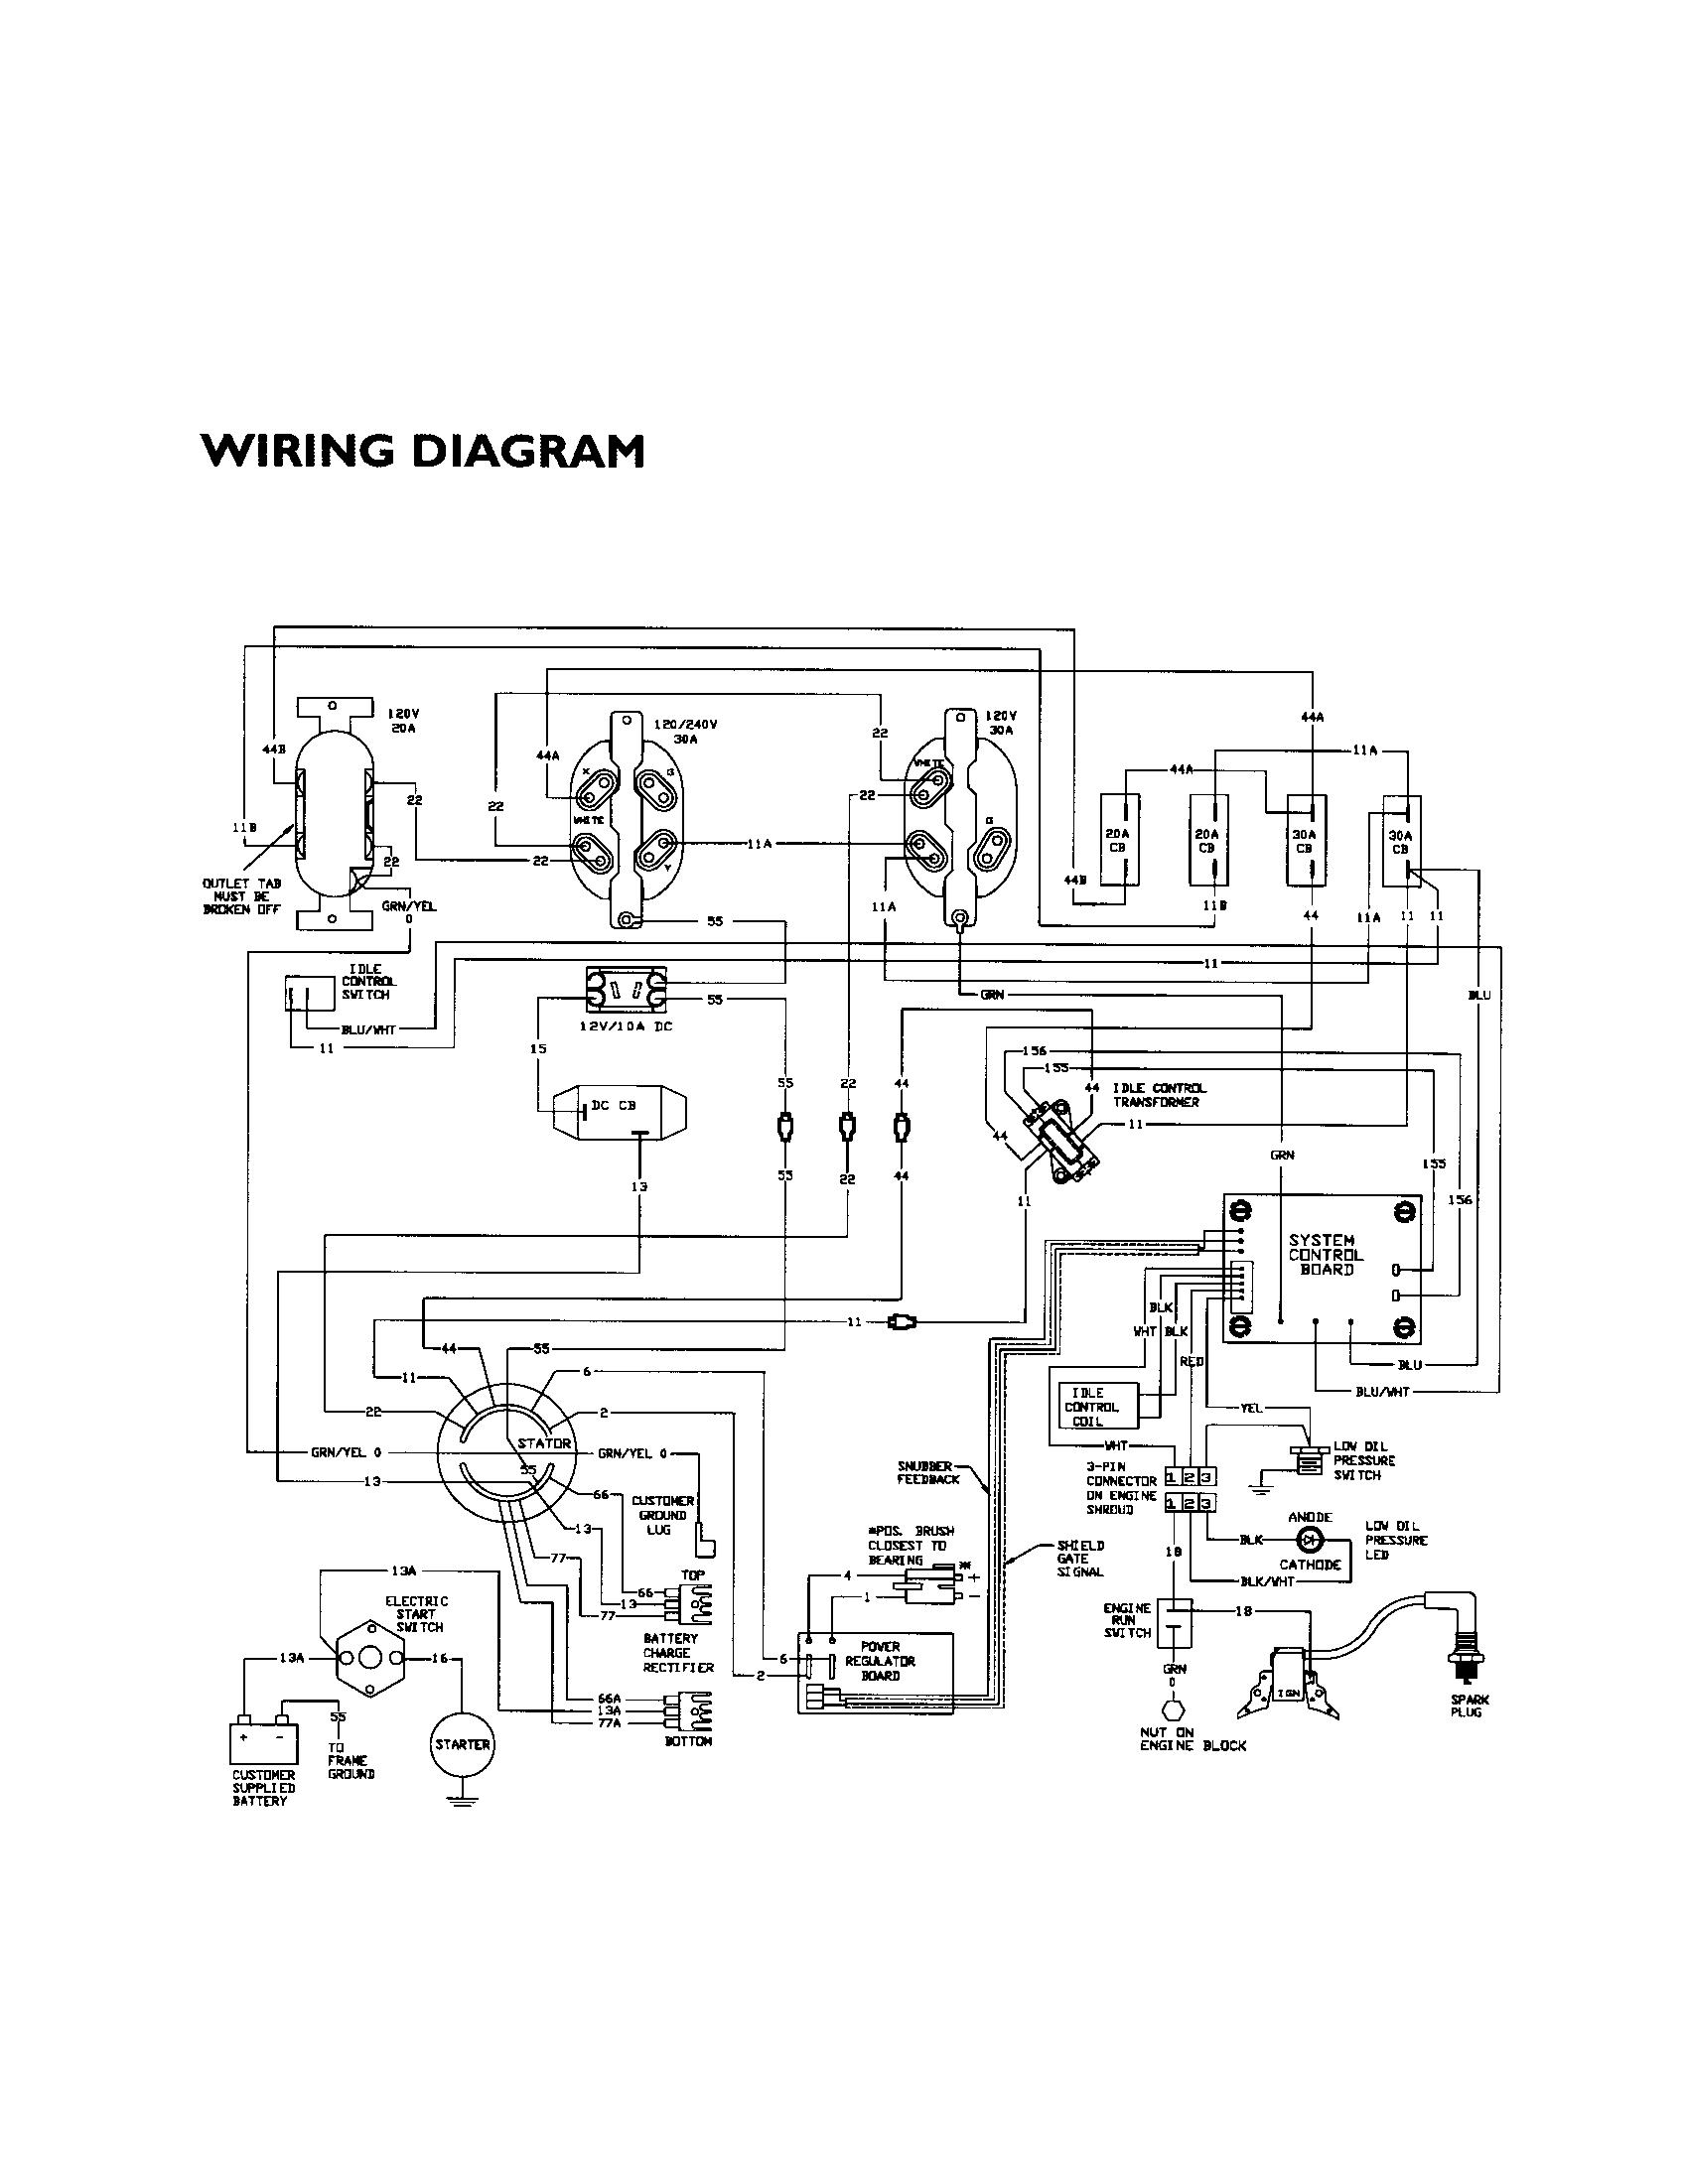 Wiring Diagram For Generator Transfer Switch Diagram Diagramtemplate Diagramsample